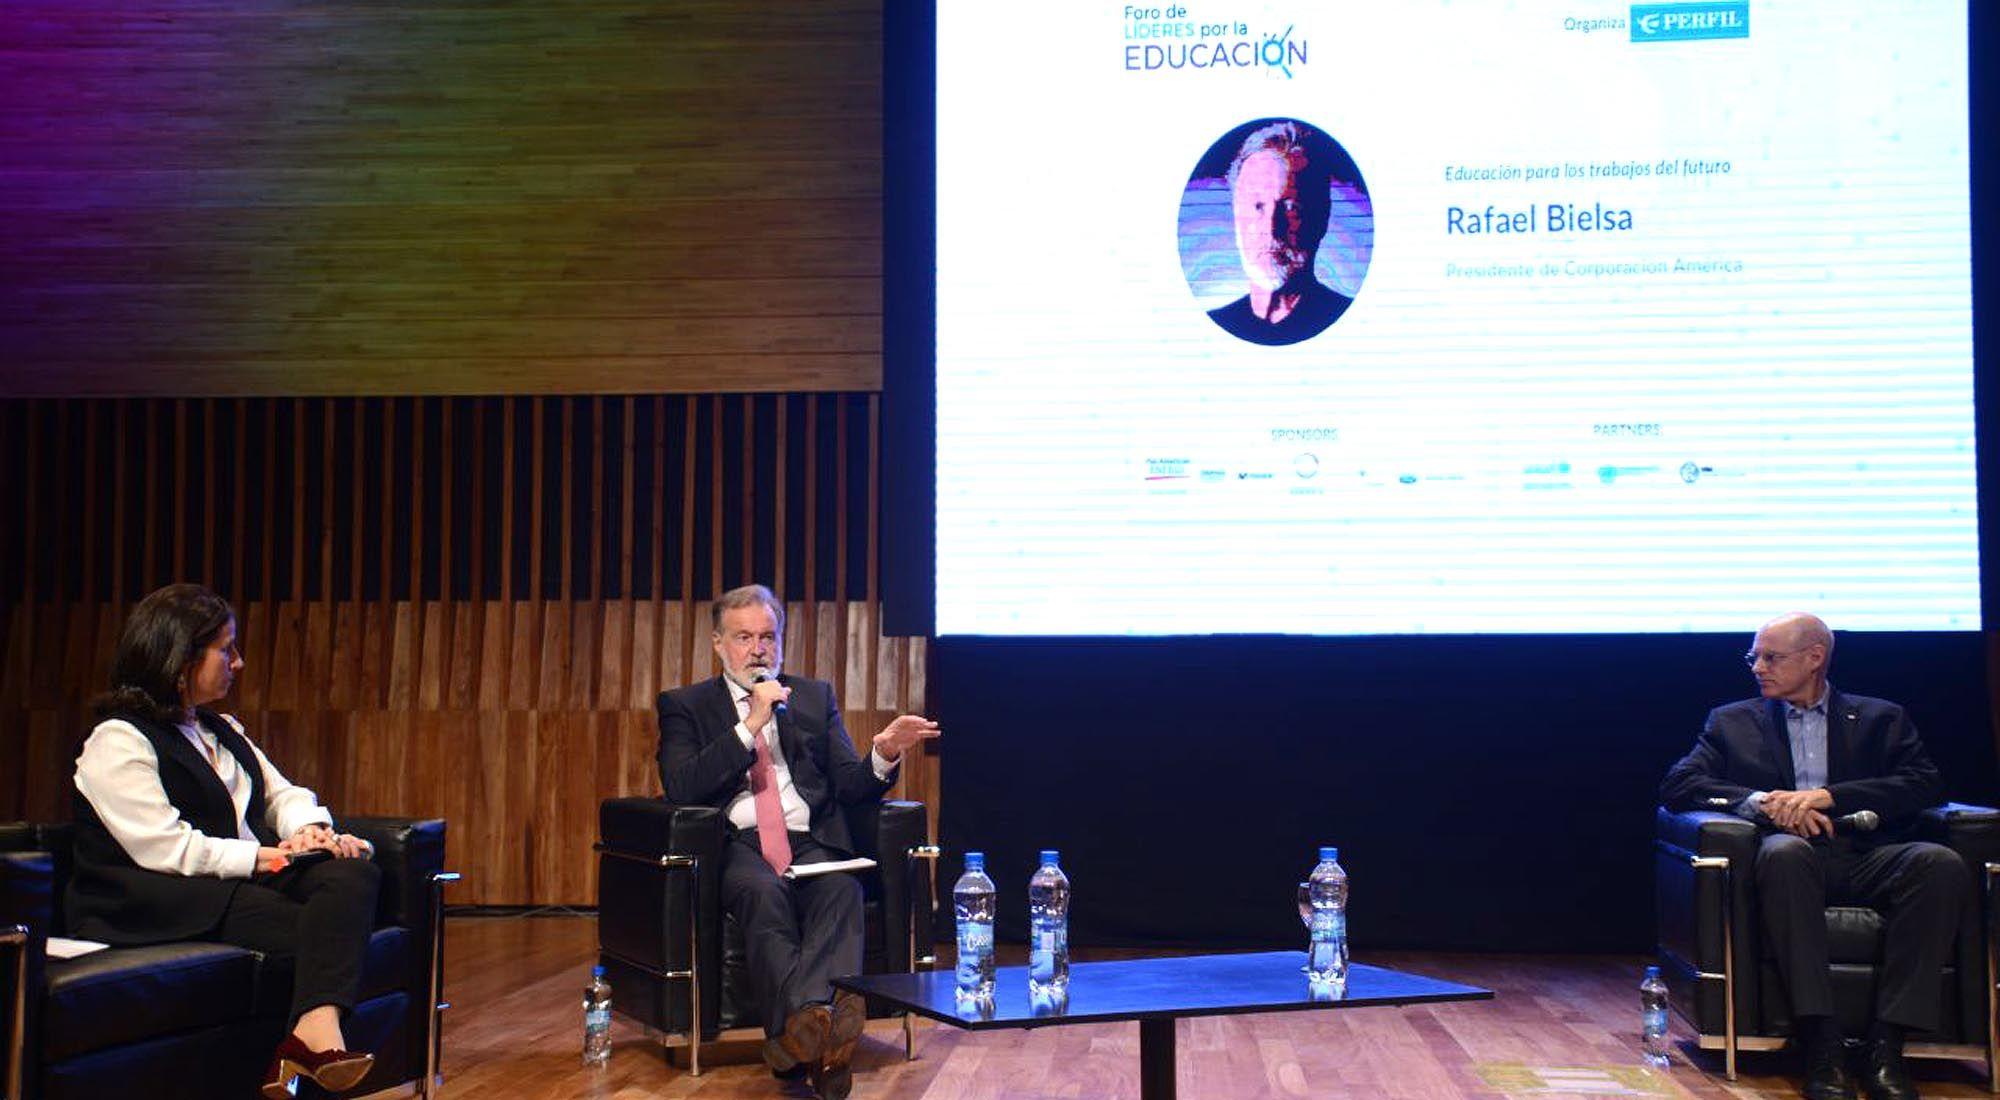 Segundo panel del primer encuentro en el Foro de Líderes por la educación.